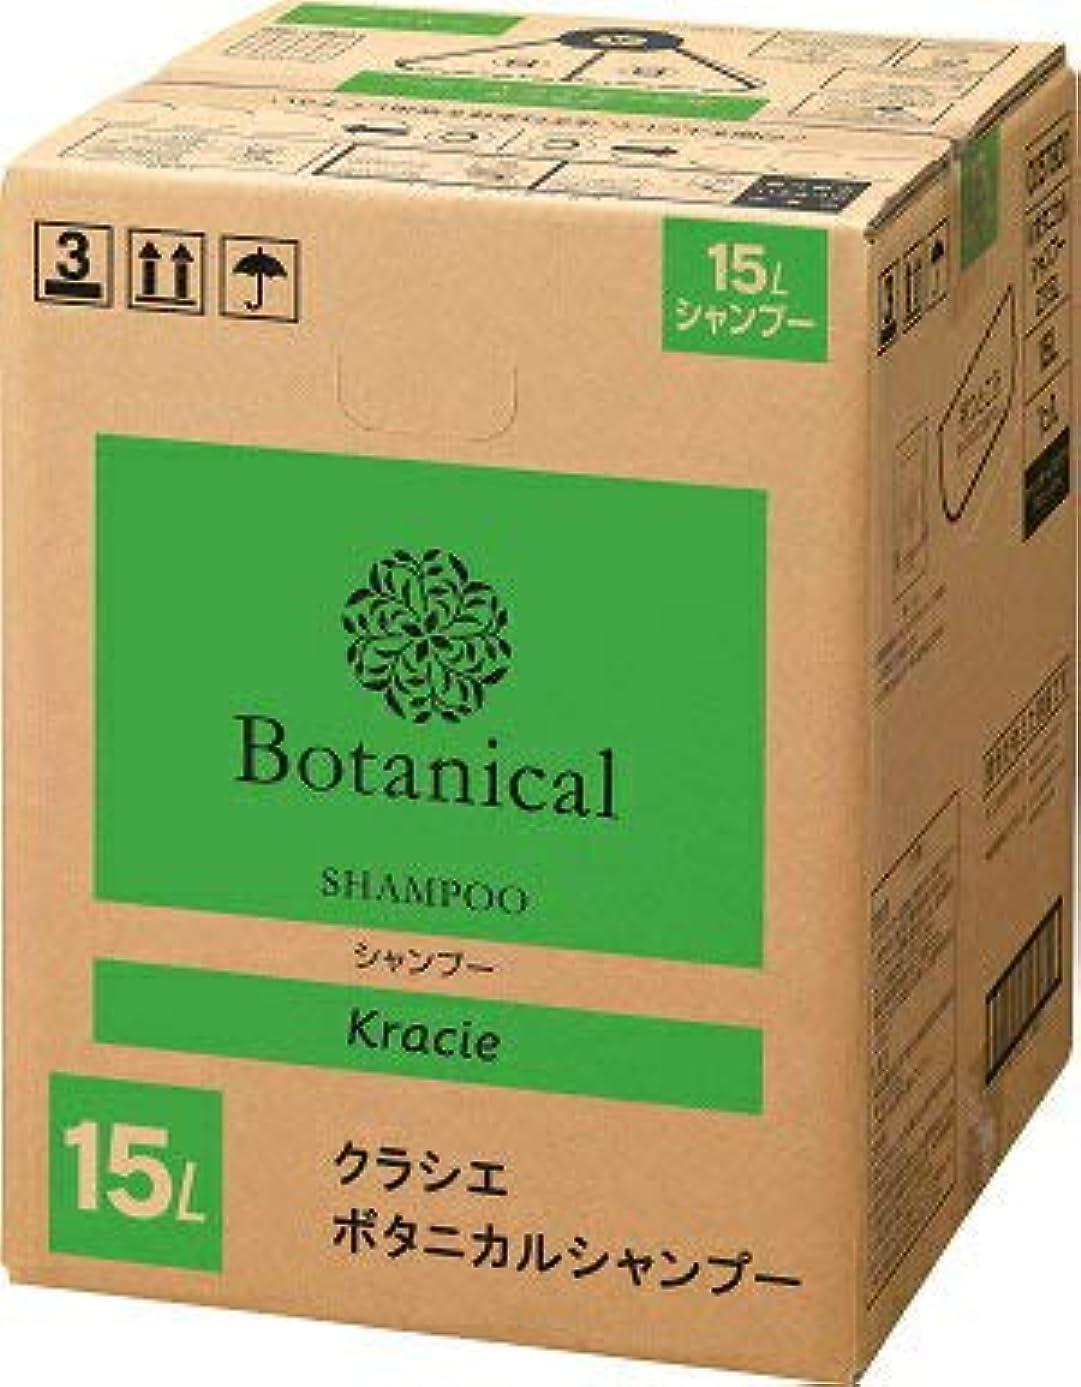 Kracie クラシエ Botanical ボタニカル シャンプー 15L 詰め替え 業務用